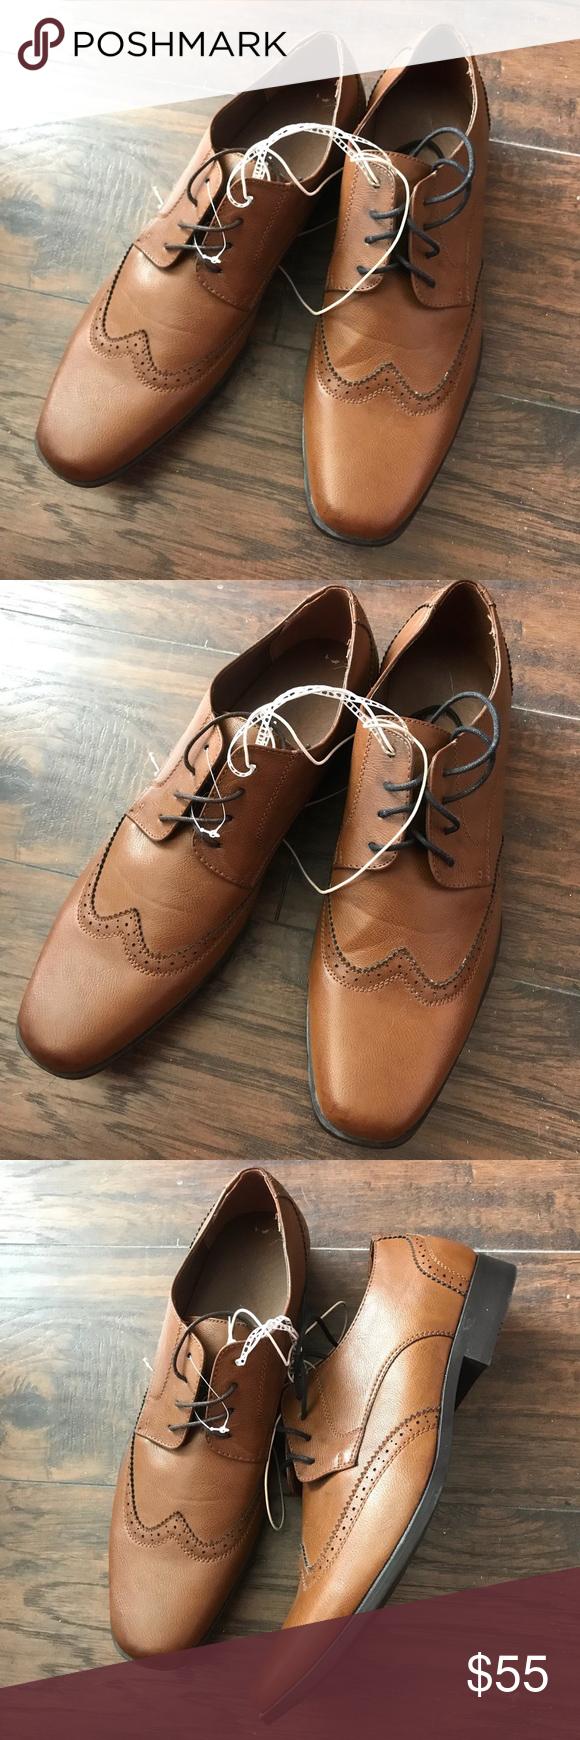 17+ Perry ellis portfolio shoes ideas ideas